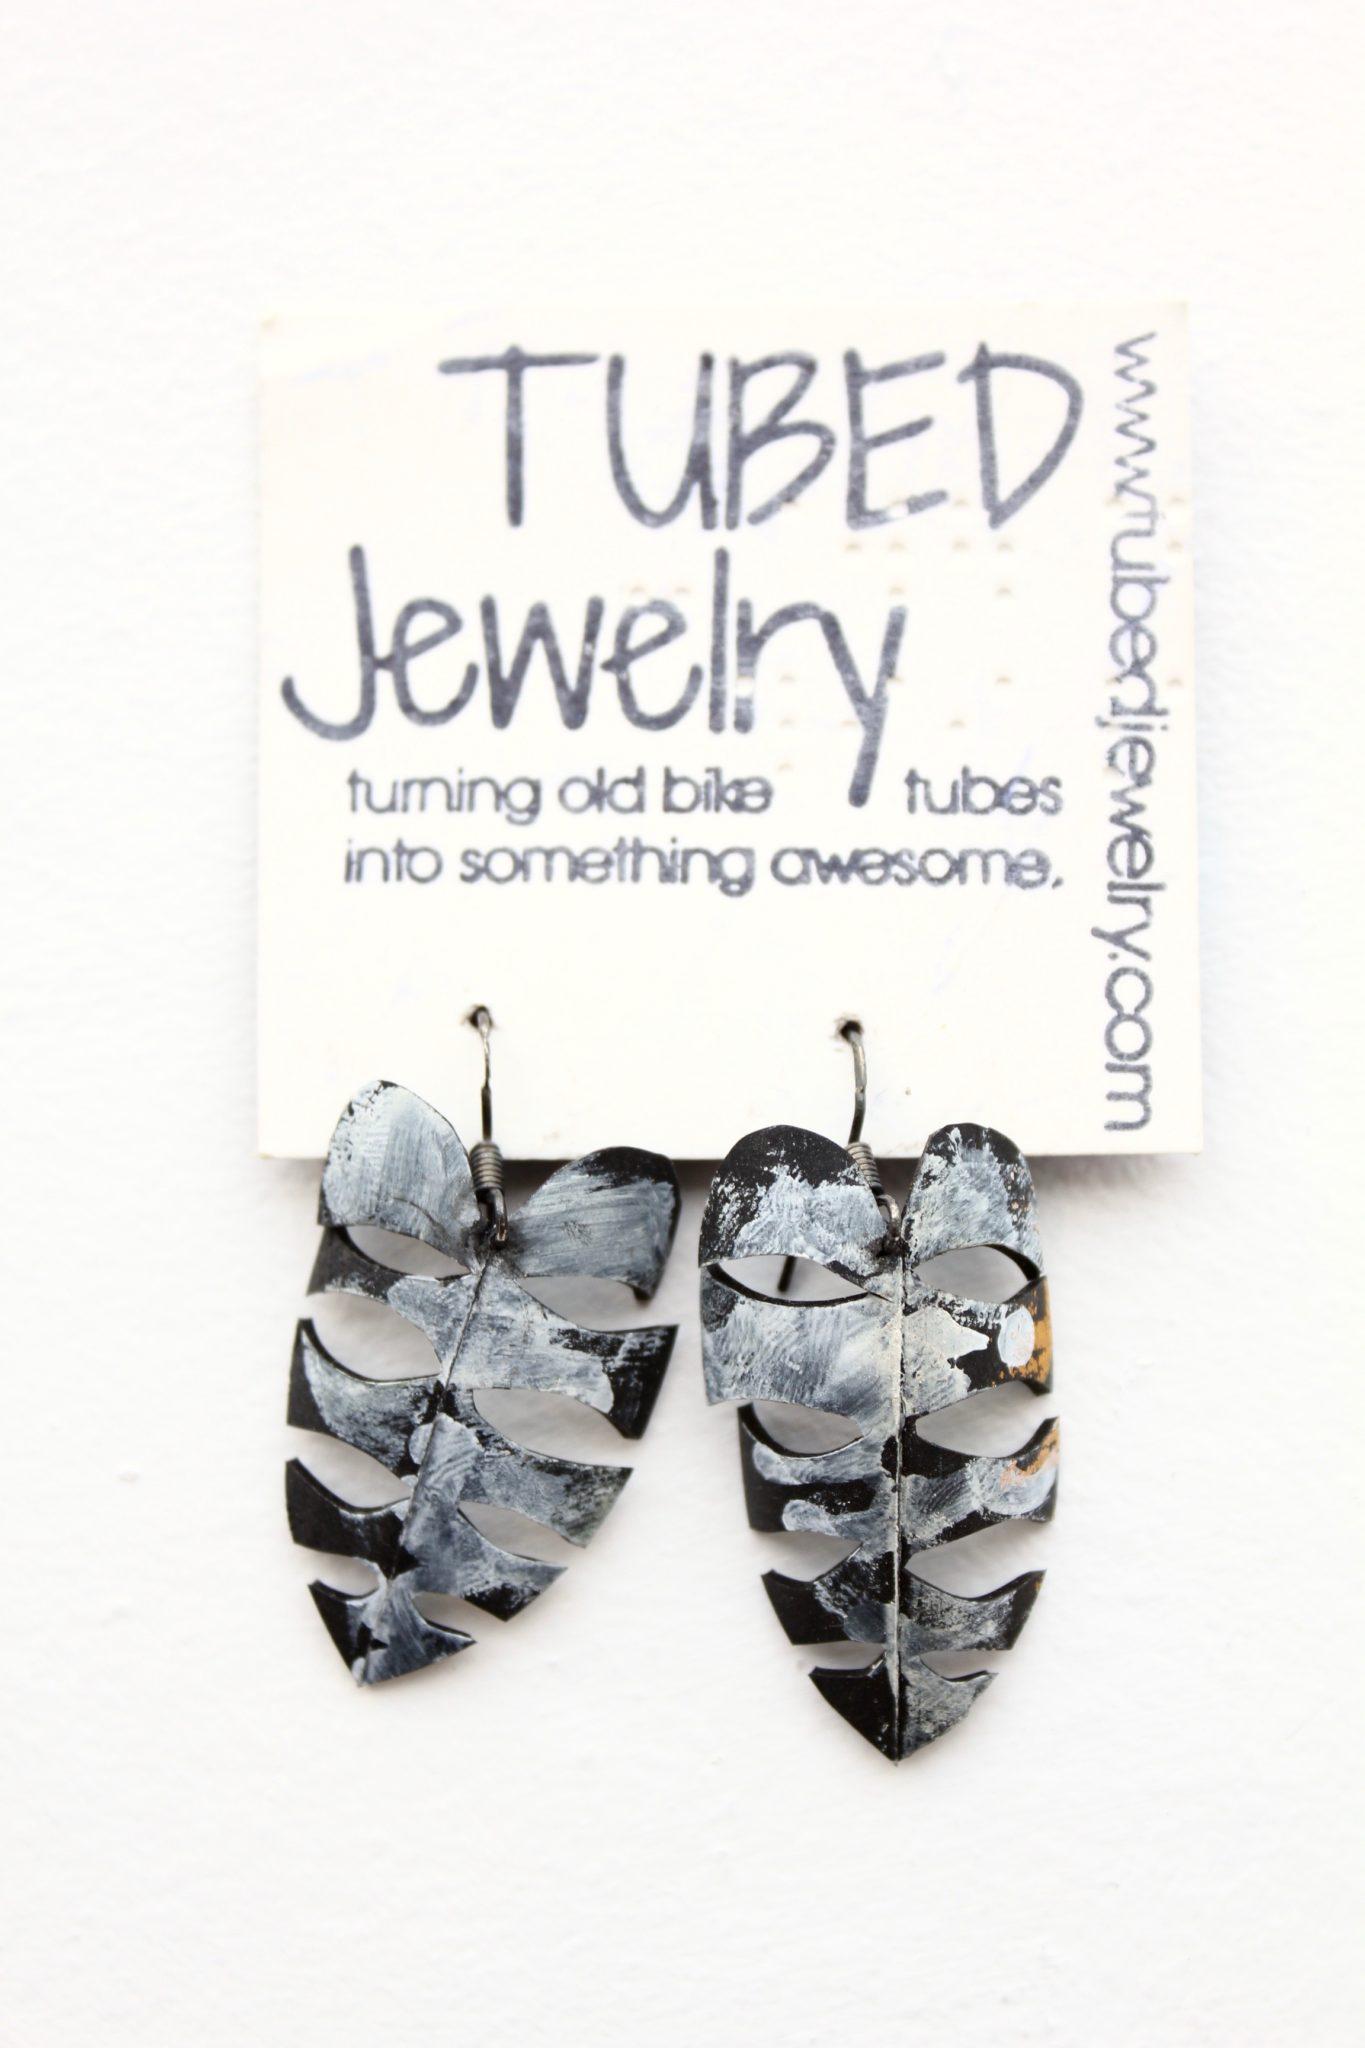 Fern-shaped upcycled bike tube earrings by Tubed Jewellery